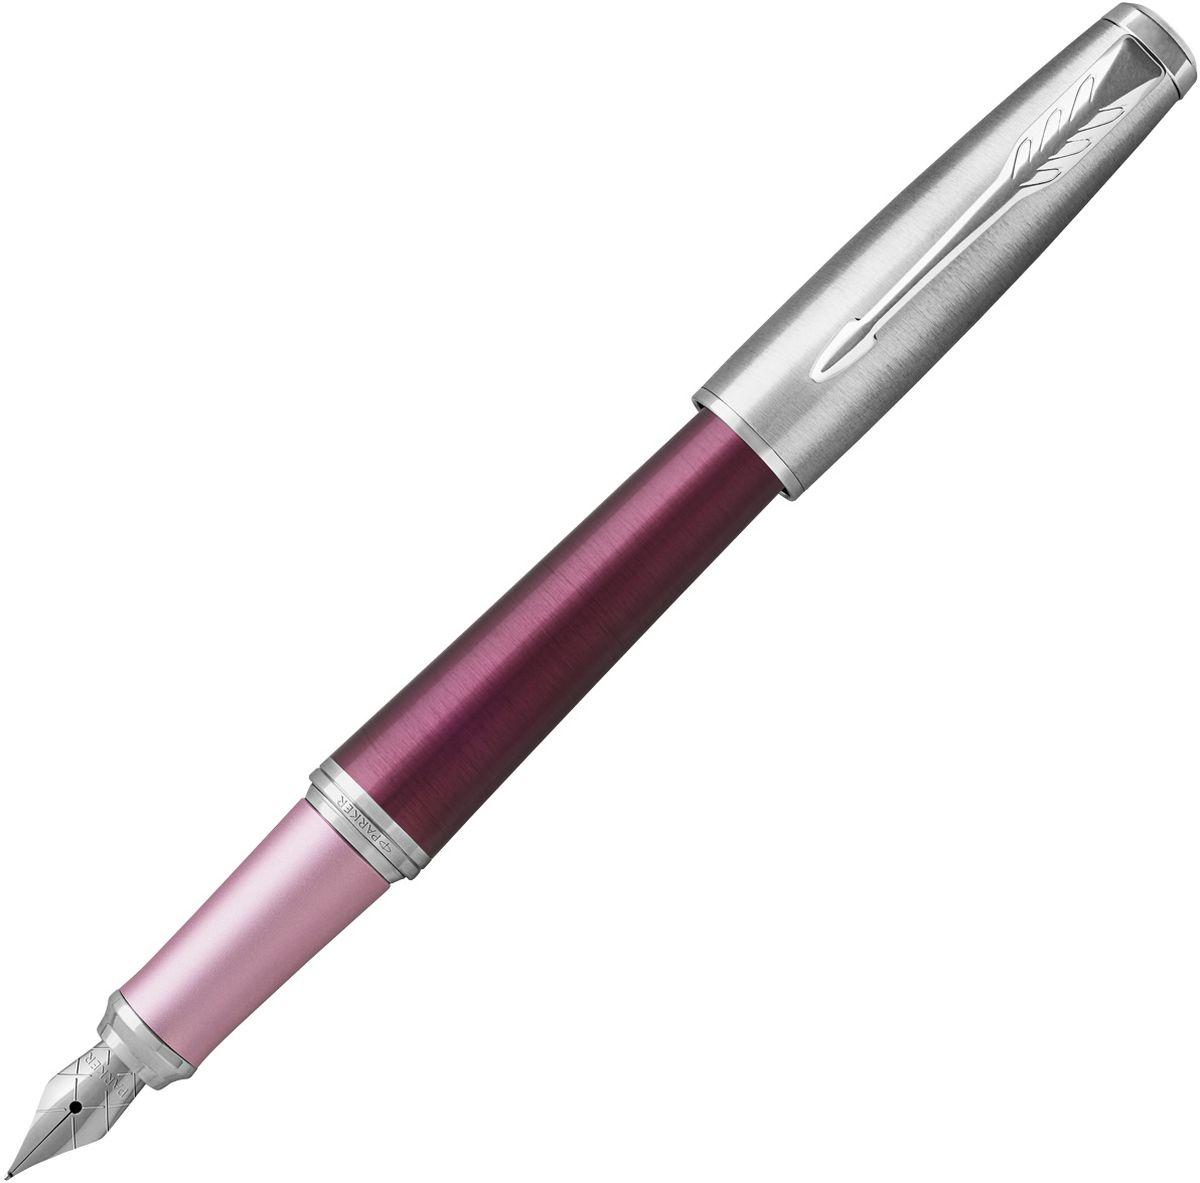 Parker Ручка перьевая Urban Premium Dark PurplePARKER-1931583Материал корпуса: Анодированный алюминий темно-пурпурного цвета с круговой полировкой, розовая зона захвата. Колпачок из хромированной латуни.Покрытие корпуса: Анодированный алюминий темно-пурпурного цвета с круговой полировкой, розовая зона захвата. Материал отделки деталей корпуса: хромированная нержавеющая сталь.Перо: Нержавеющая сталь.Способ подачи стержня: колпачок.Вложение: 1 синий картридж.Сделано в Китае.Аналог PARKER-S0949260